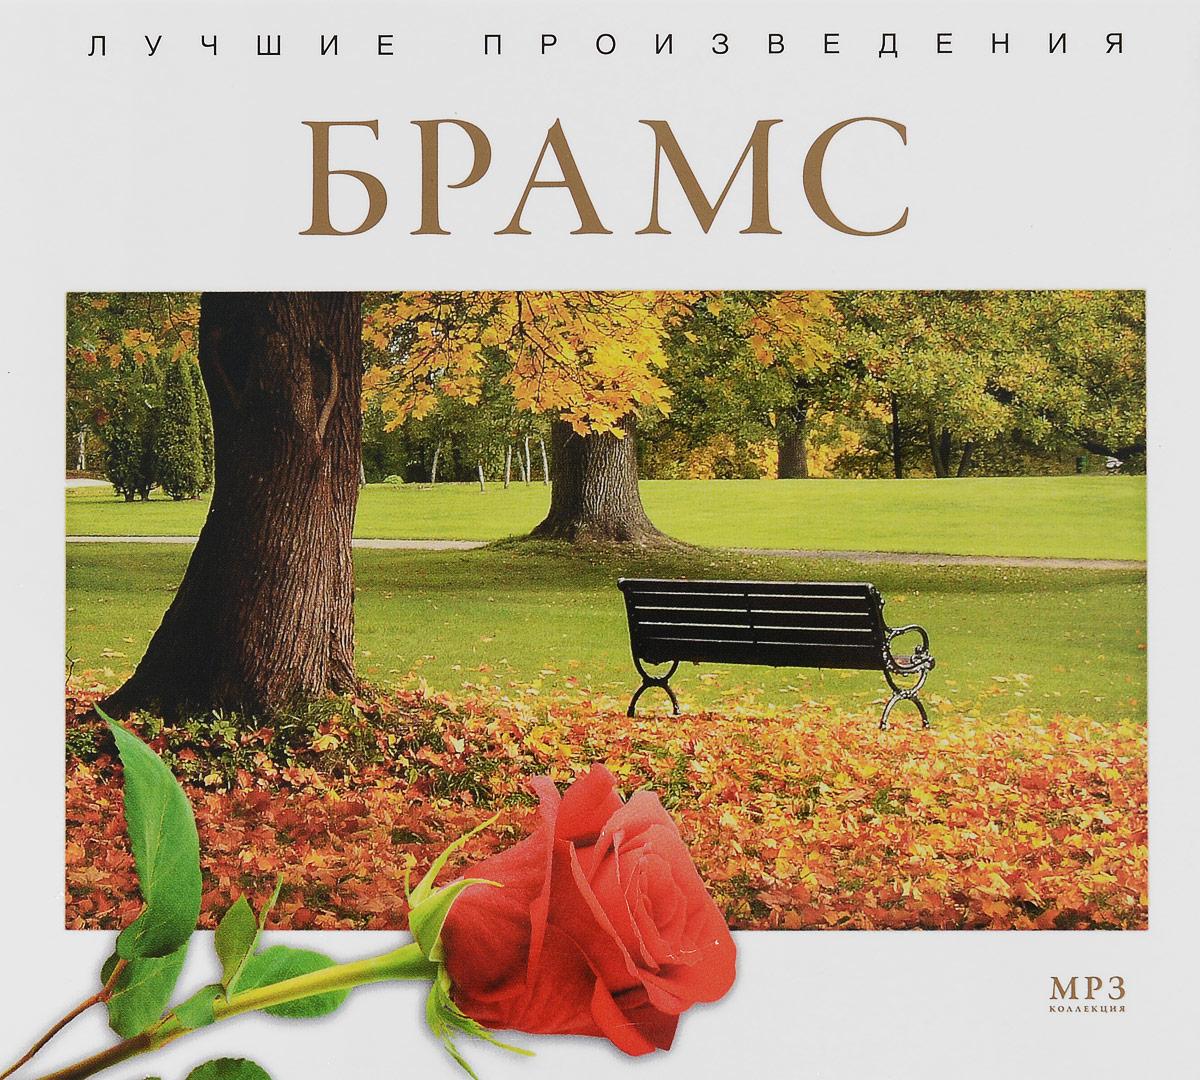 Иоганнес Брамс - одна из выдающихся фигур в немецкой музыке, композитор, пианист, дирижер, яркий представитель направления романтизма. В своей музыке Брамс создал правдивую и сложную картину жизни человеческого духа - бурного во внезапных порывах, стойкого и мужественного во внутреннем преодолении препятствий, веселого и жизнерадостного, мудрого и строгого, нежного и душевно отзывчивого.Талант композитора был неразрывно связан с народной музыкой и песней.На диск вошли лучшие и важнейшие произведения композитора всех жанров: